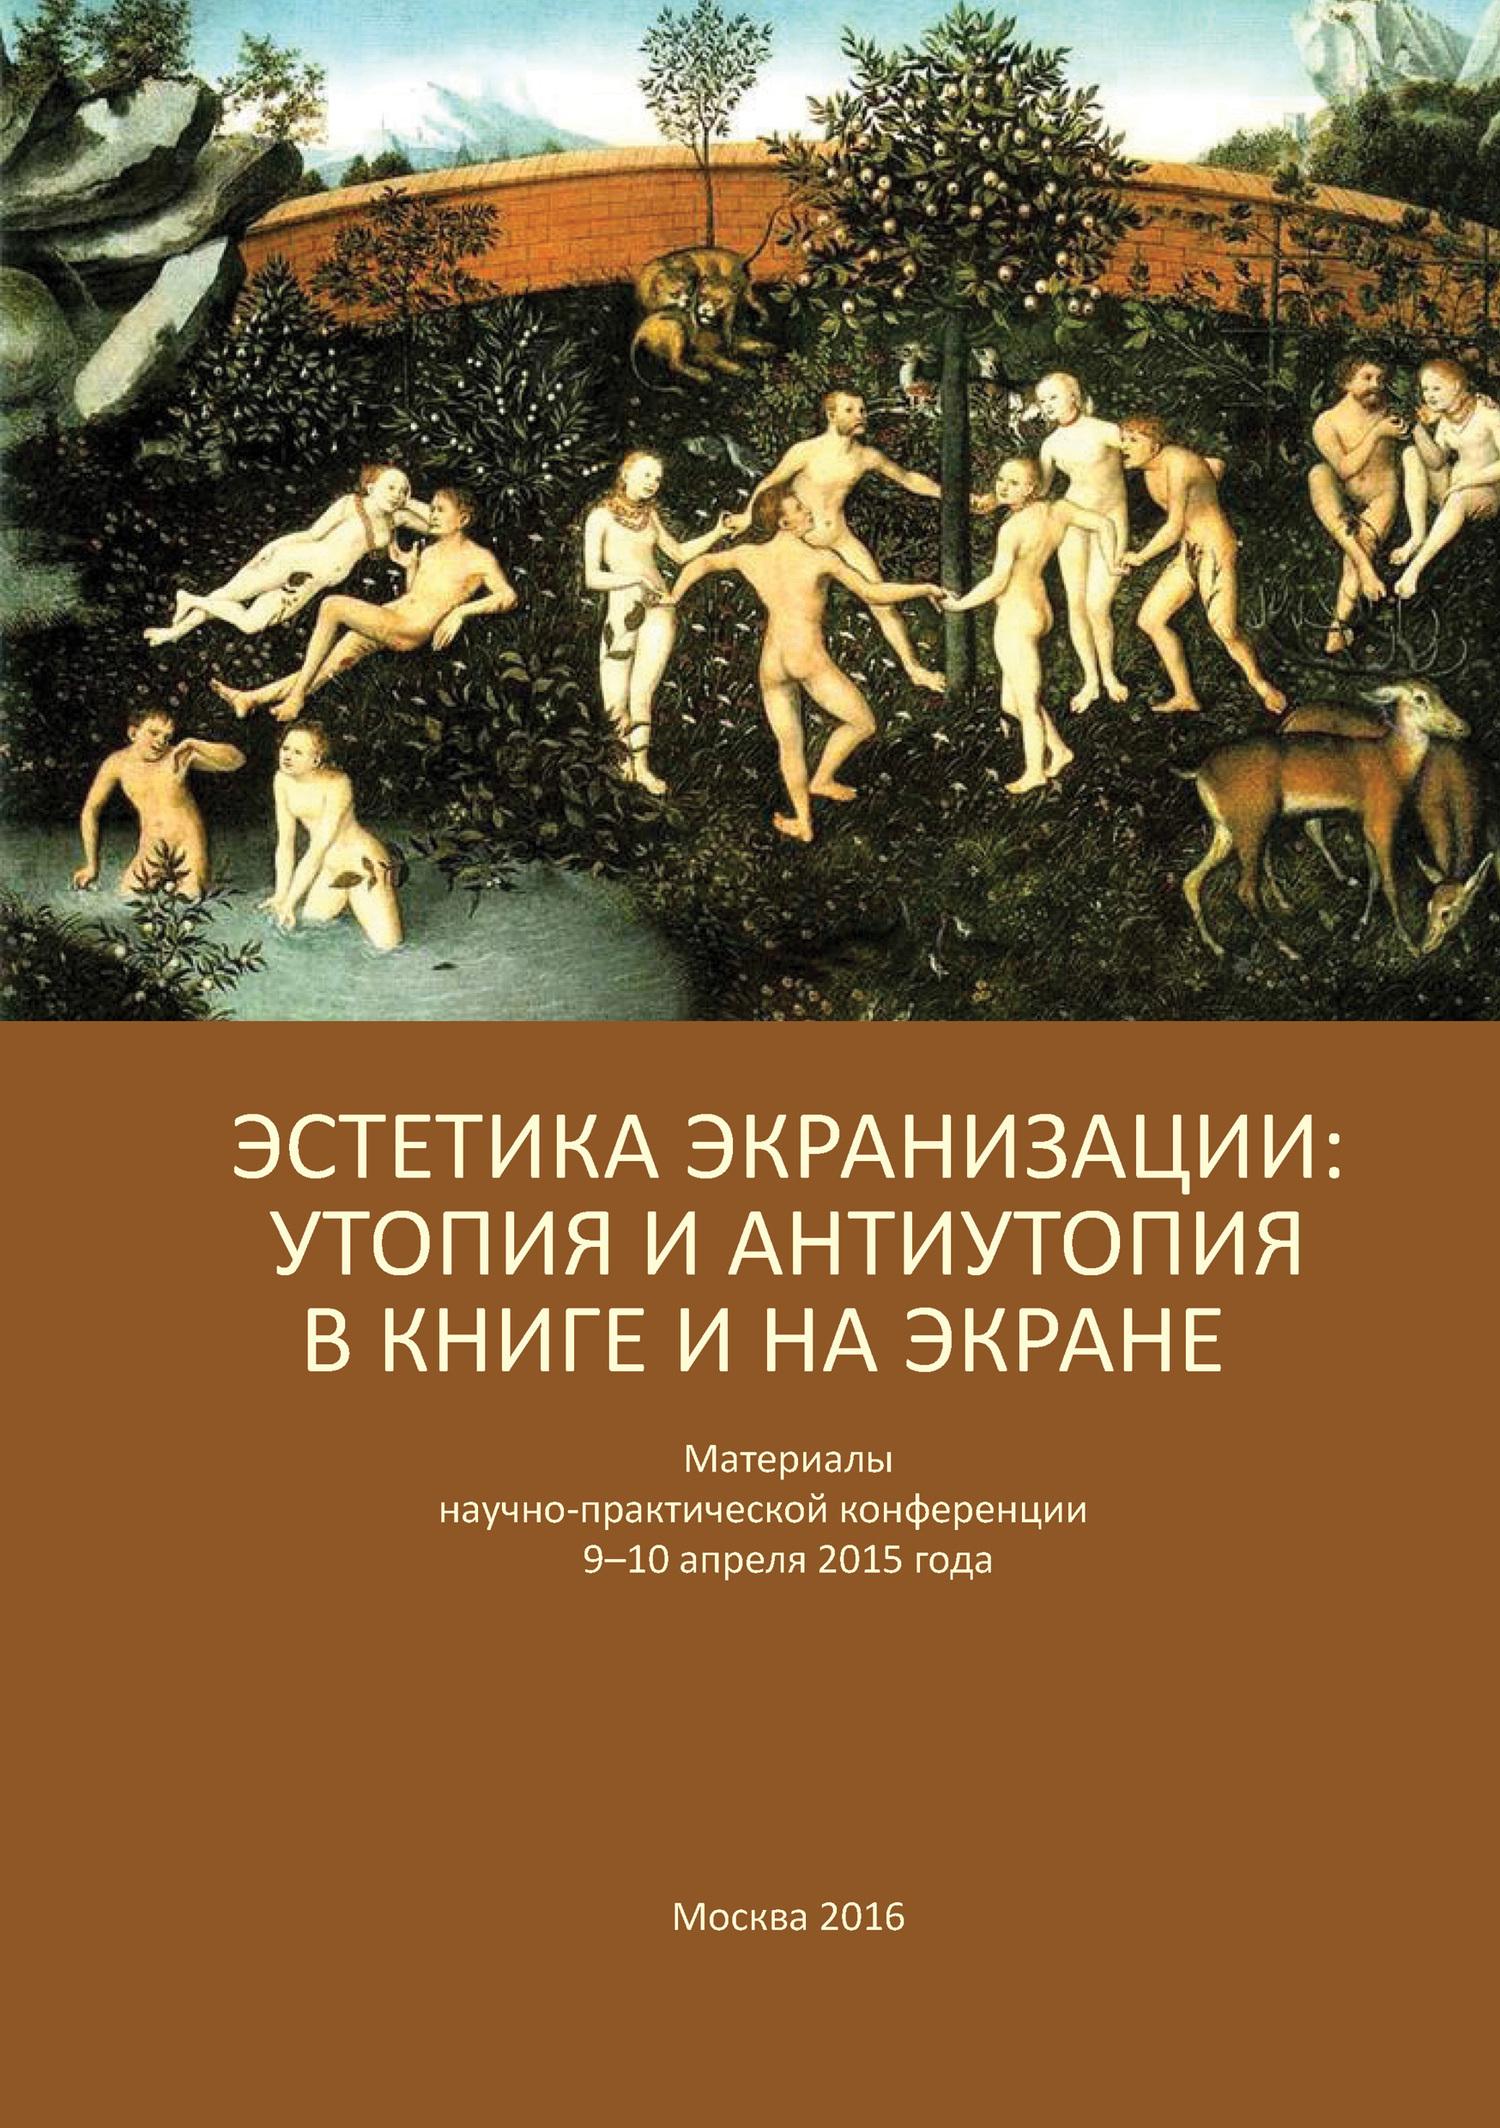 Эстетика экранизации: утопия и антиутопия в книге и на экране. Материалы научно-практической конференции 9–10 апреля 2015 года